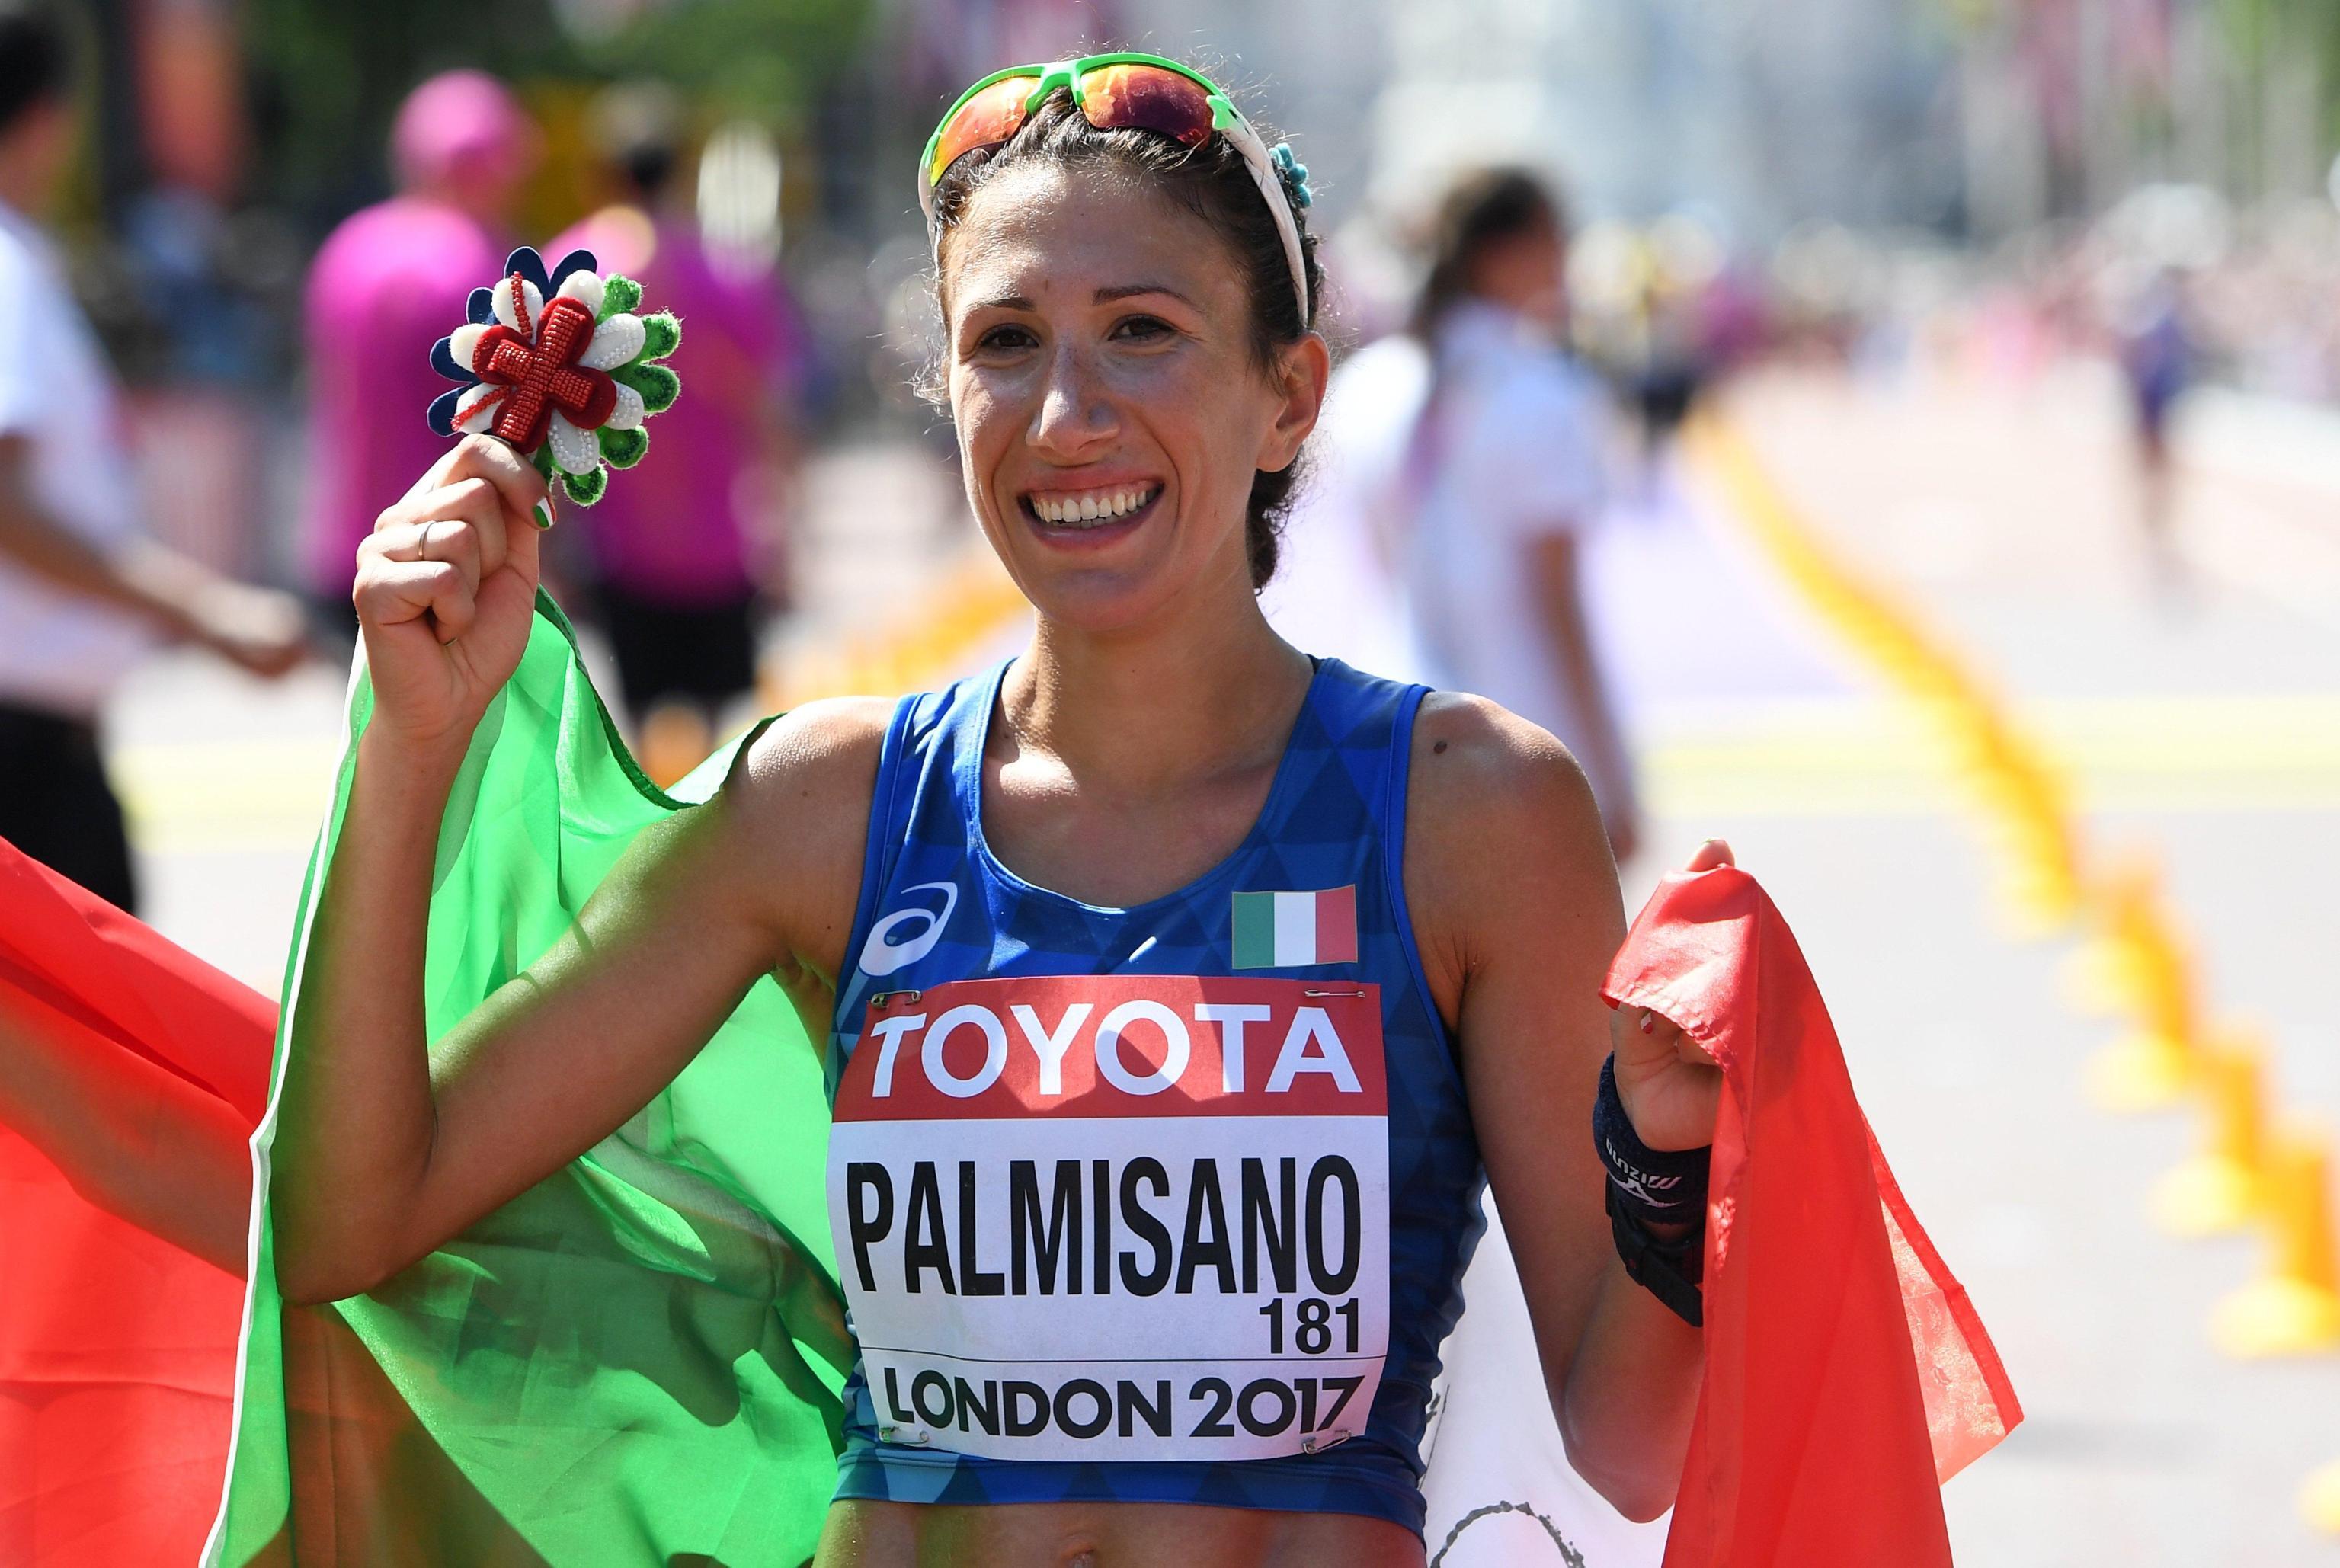 Ai Mondiali di atletica di Londra Antonella Palmisano vince la medaglia di bronzo nella 20 km di marcia. L'azzurra ha chiuso dietro la cinese Yang e la messicana Gonzalez.&#160;<br /><br />